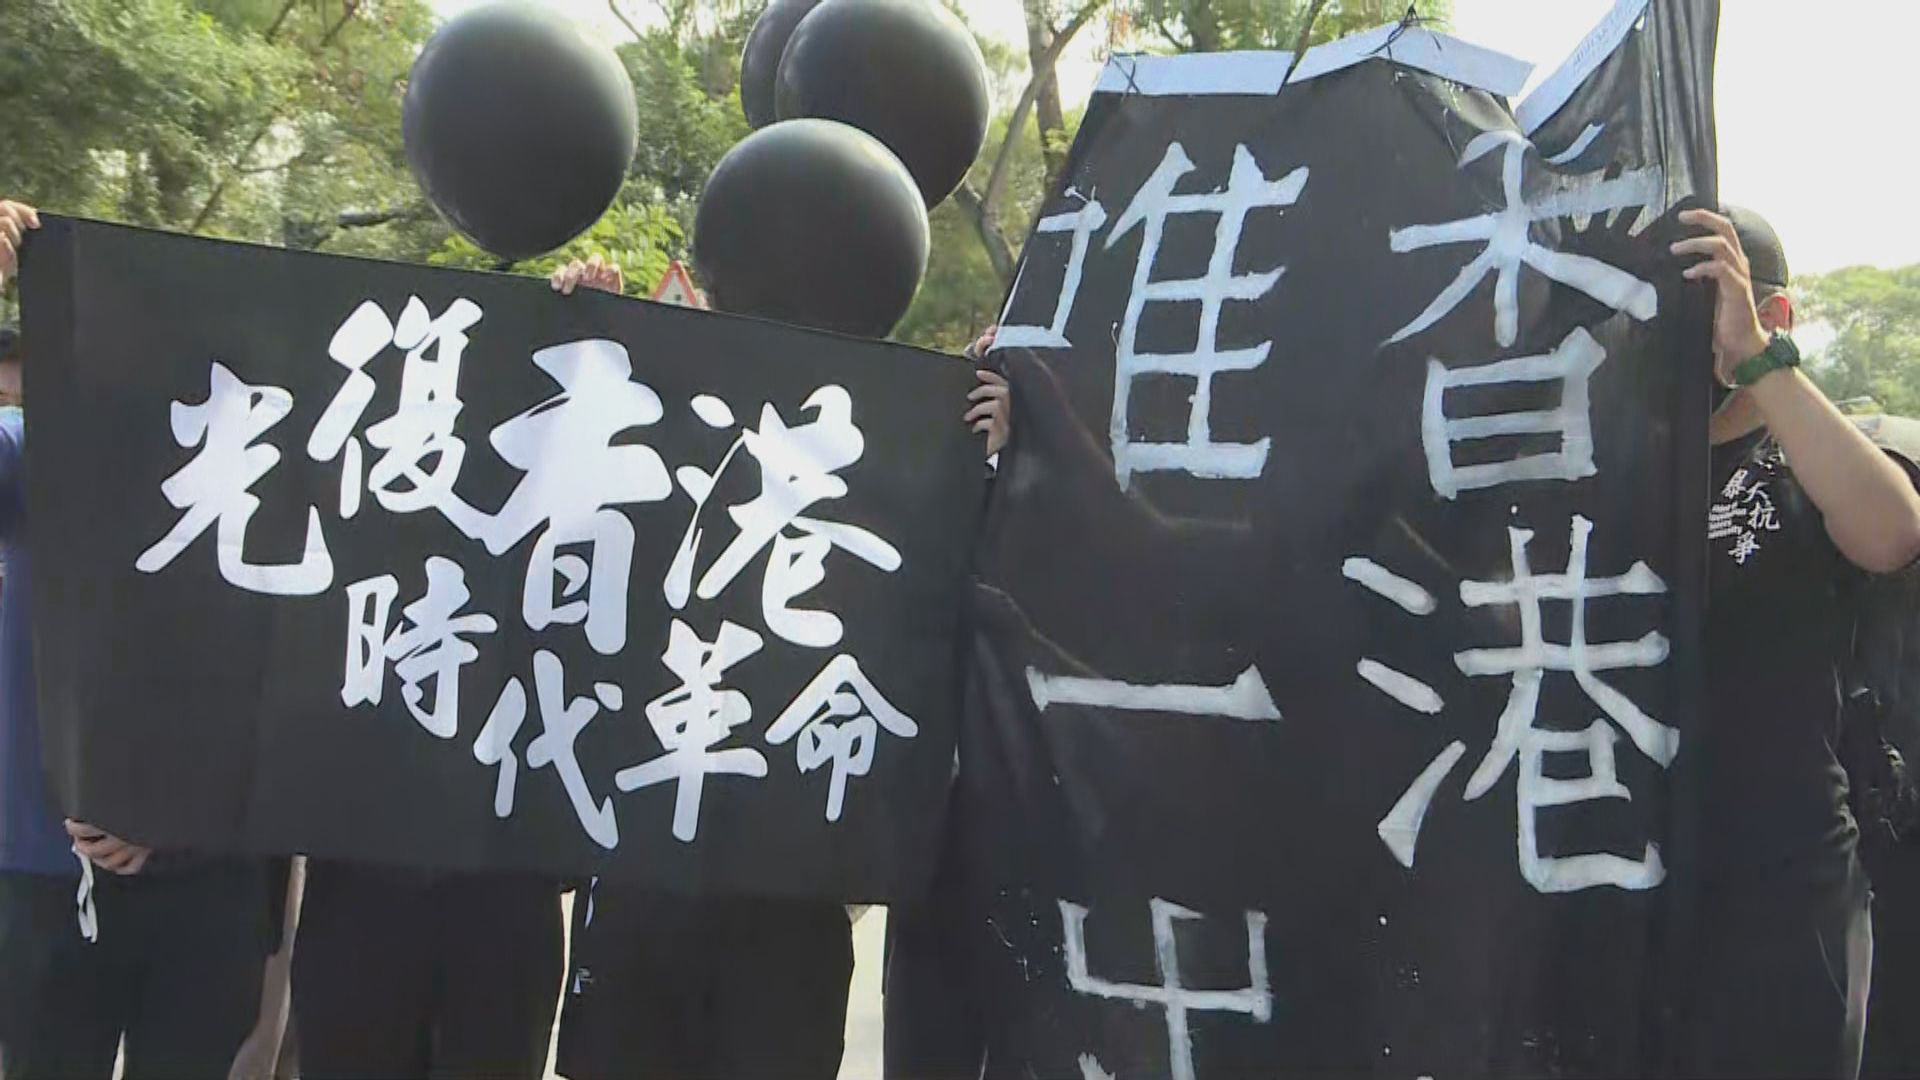 中大校園遊行 校方報警指有人叫顛覆國家政權口號